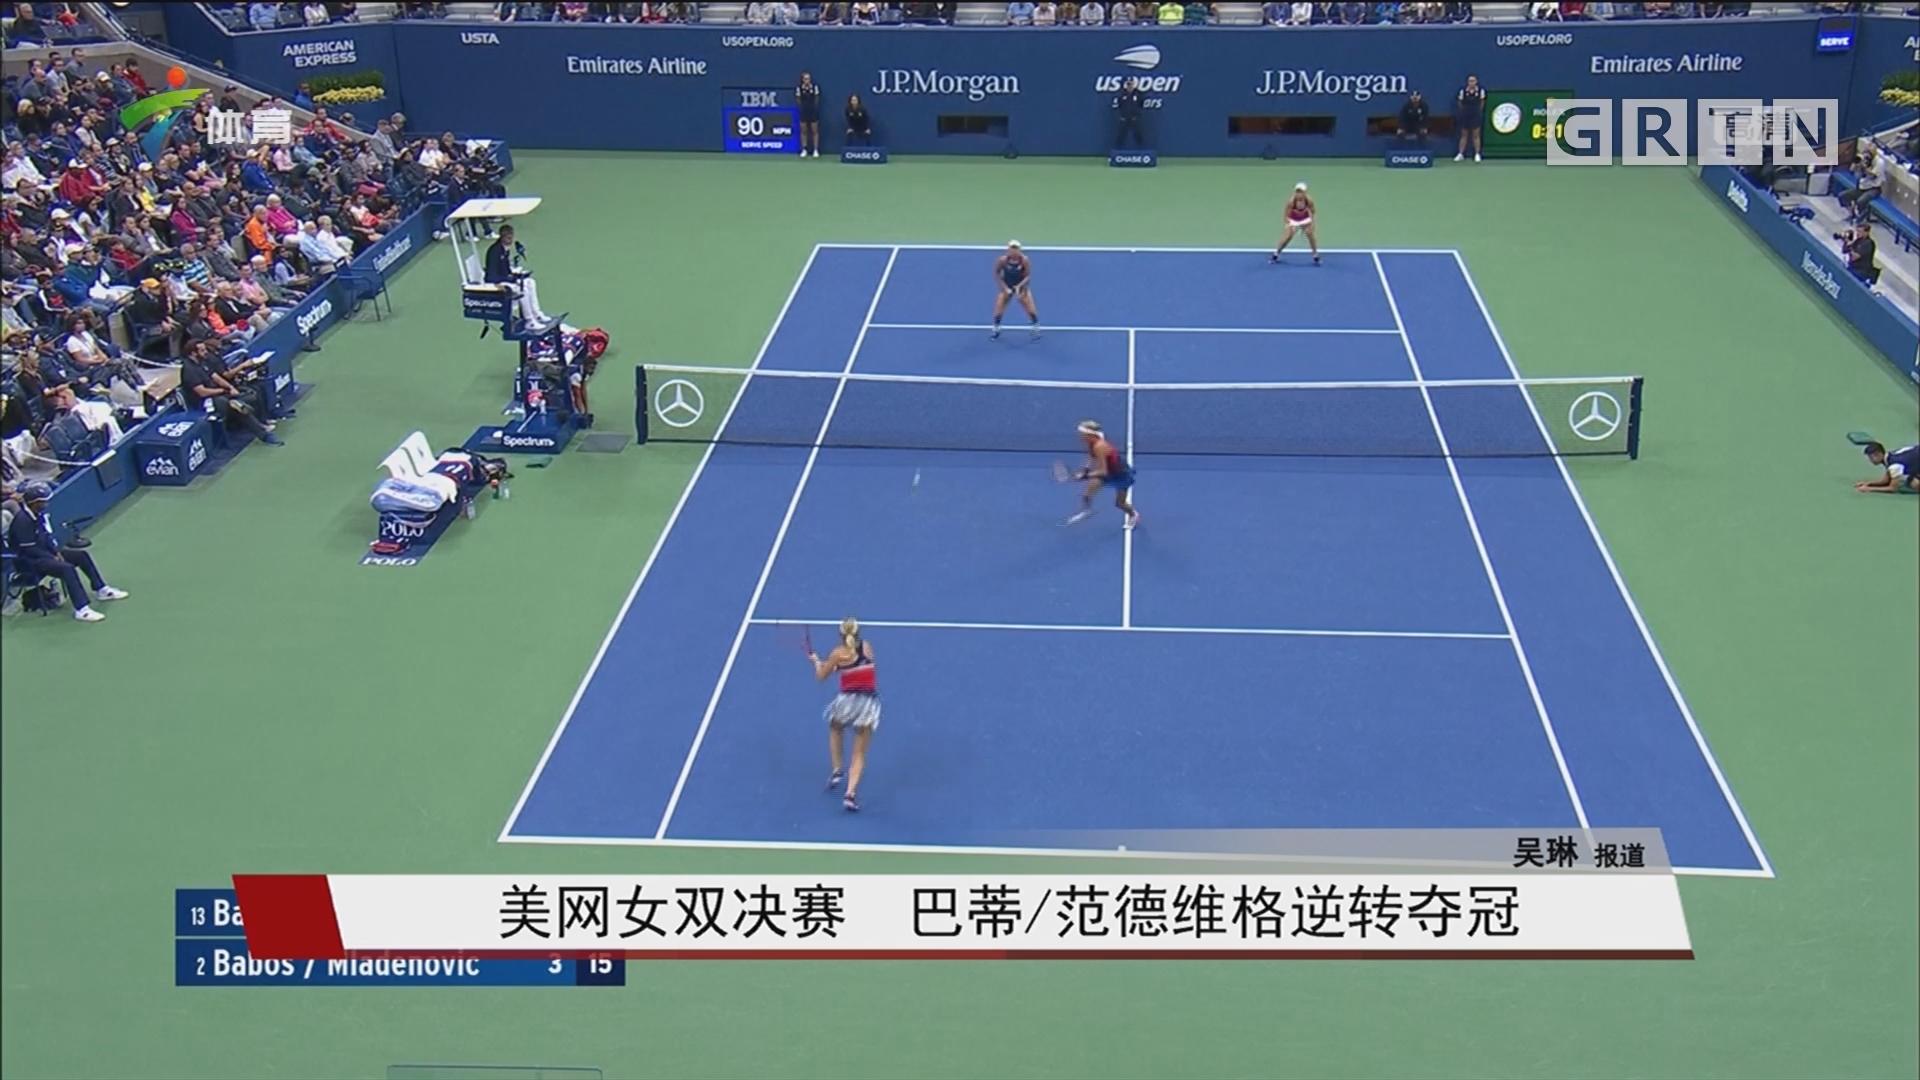 美网女双决赛 巴蒂/范德维格逆转夺冠